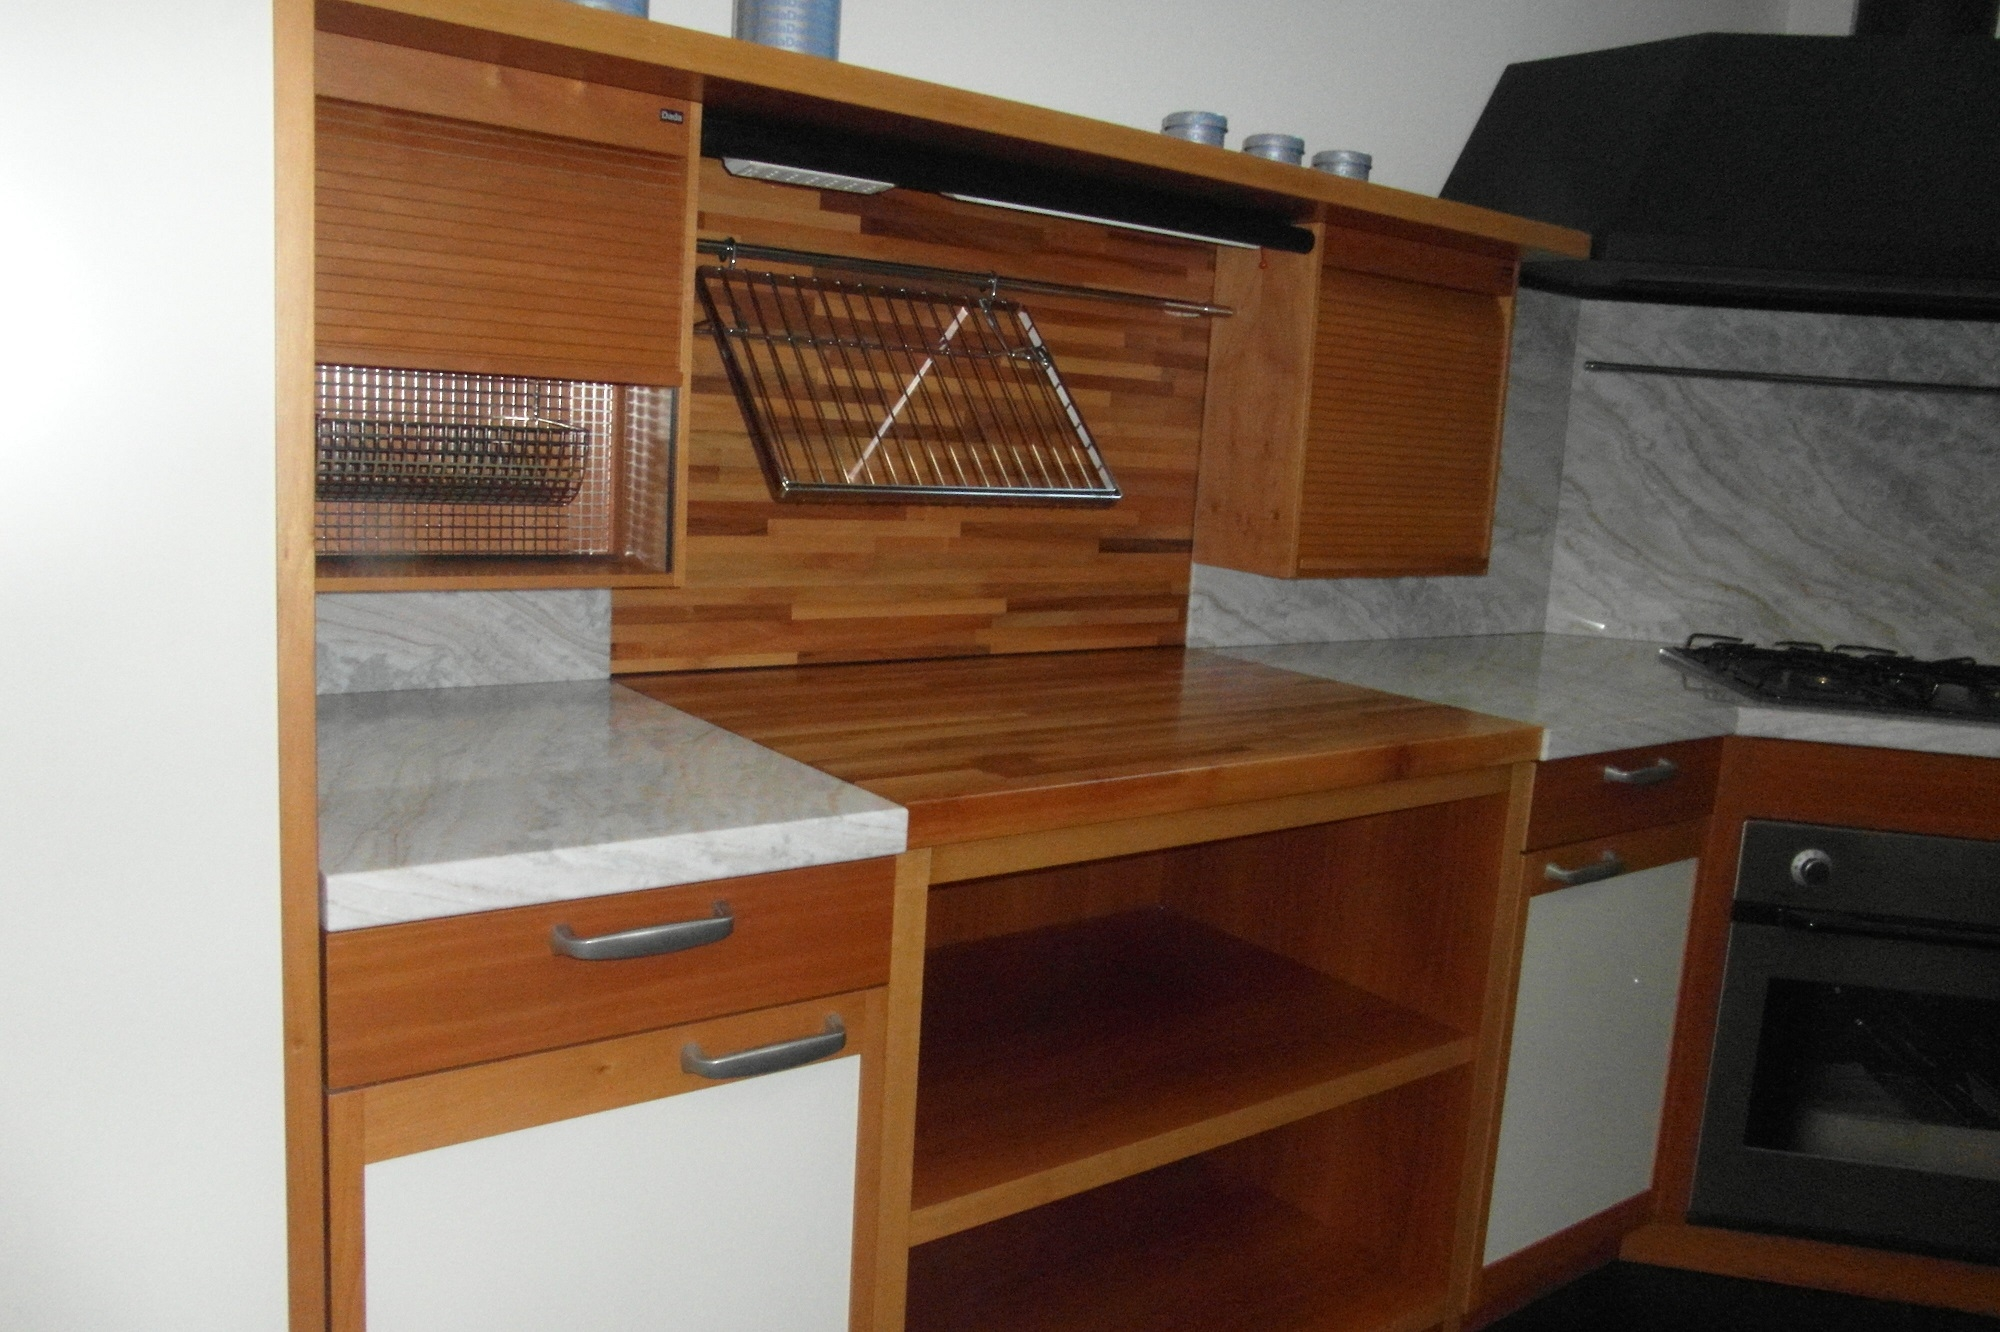 Piano di lavoro cucina cemento trova le migliori idee per mobili e interni di design for Piano cucina in cemento